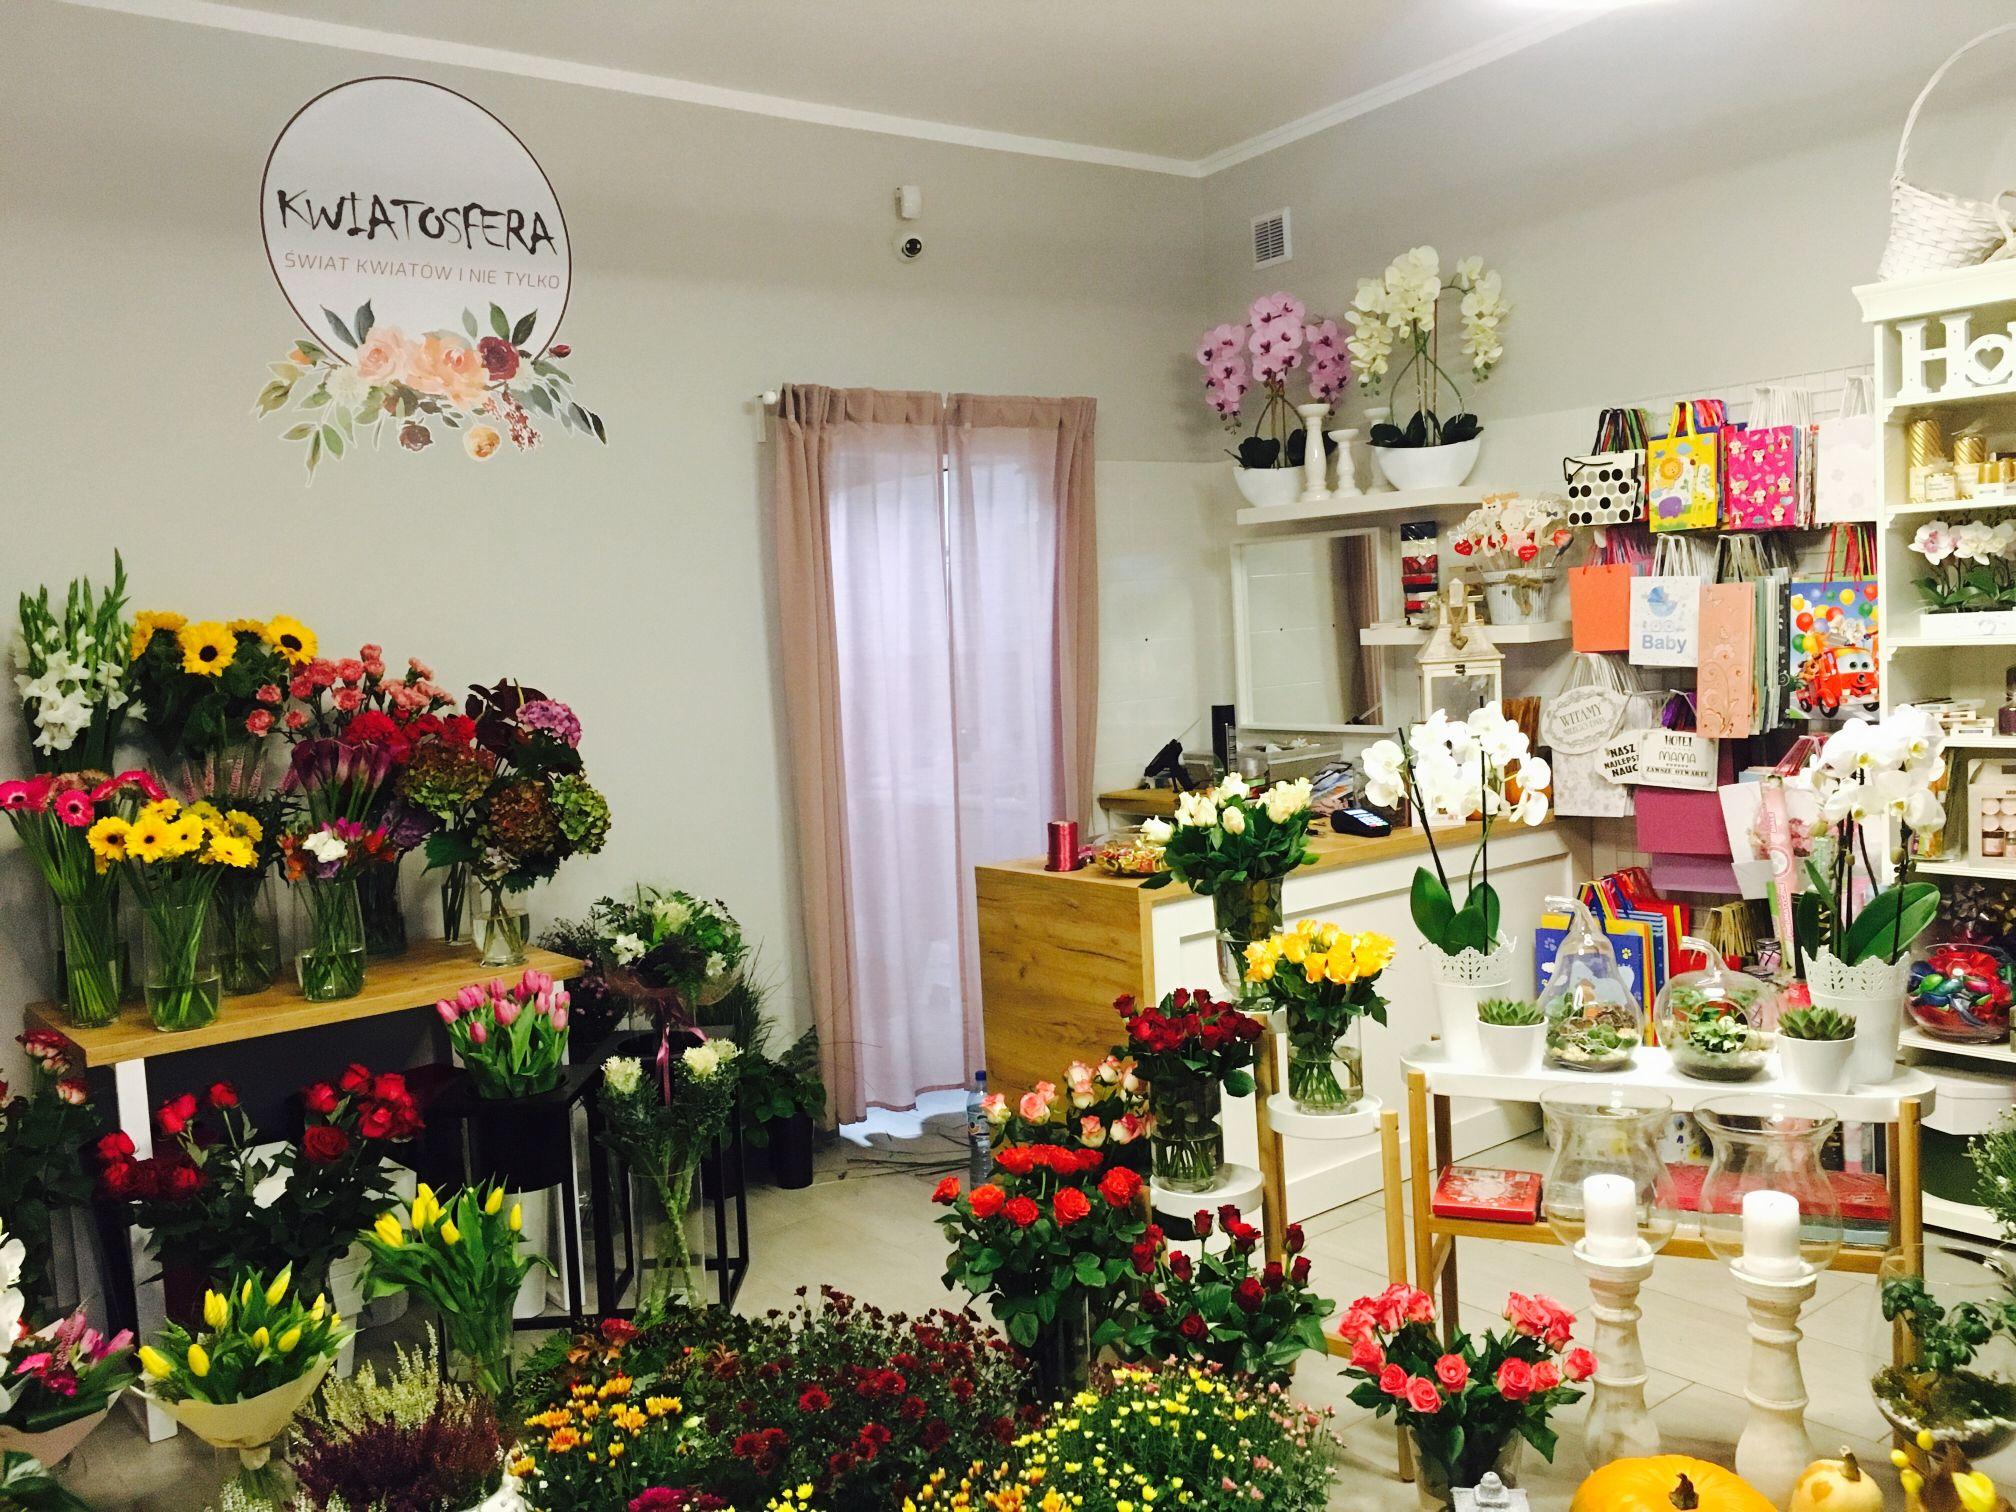 Nowa kwiaciarnia KWIATOSFERA w Andrychowie